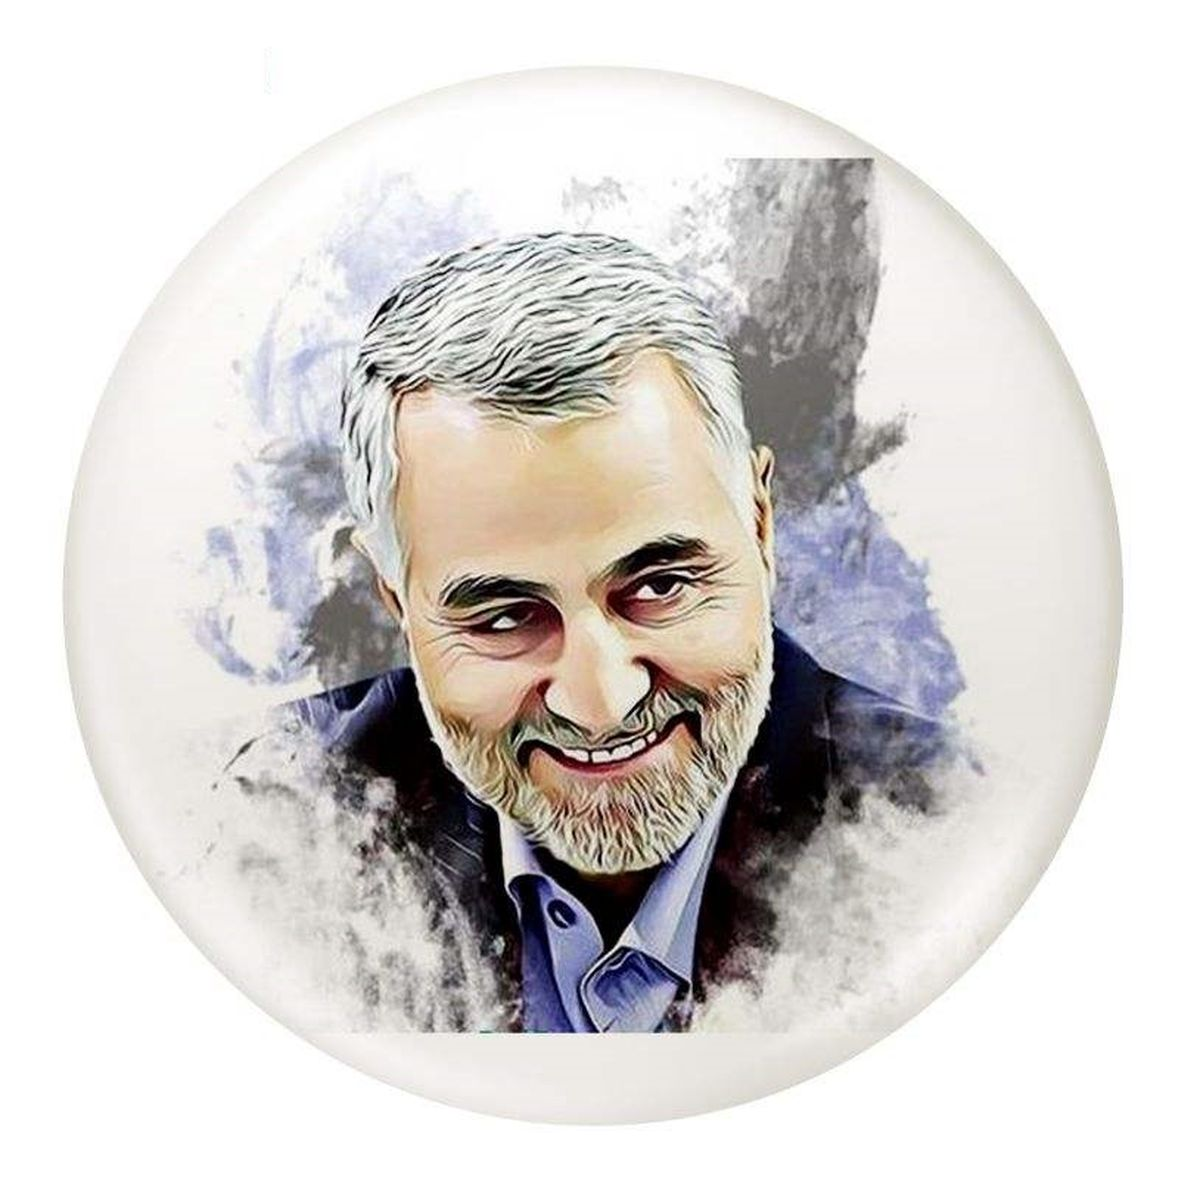 تمبر سردار سلیمانی مورد تصویب شورای تمبر نیست! +عکس